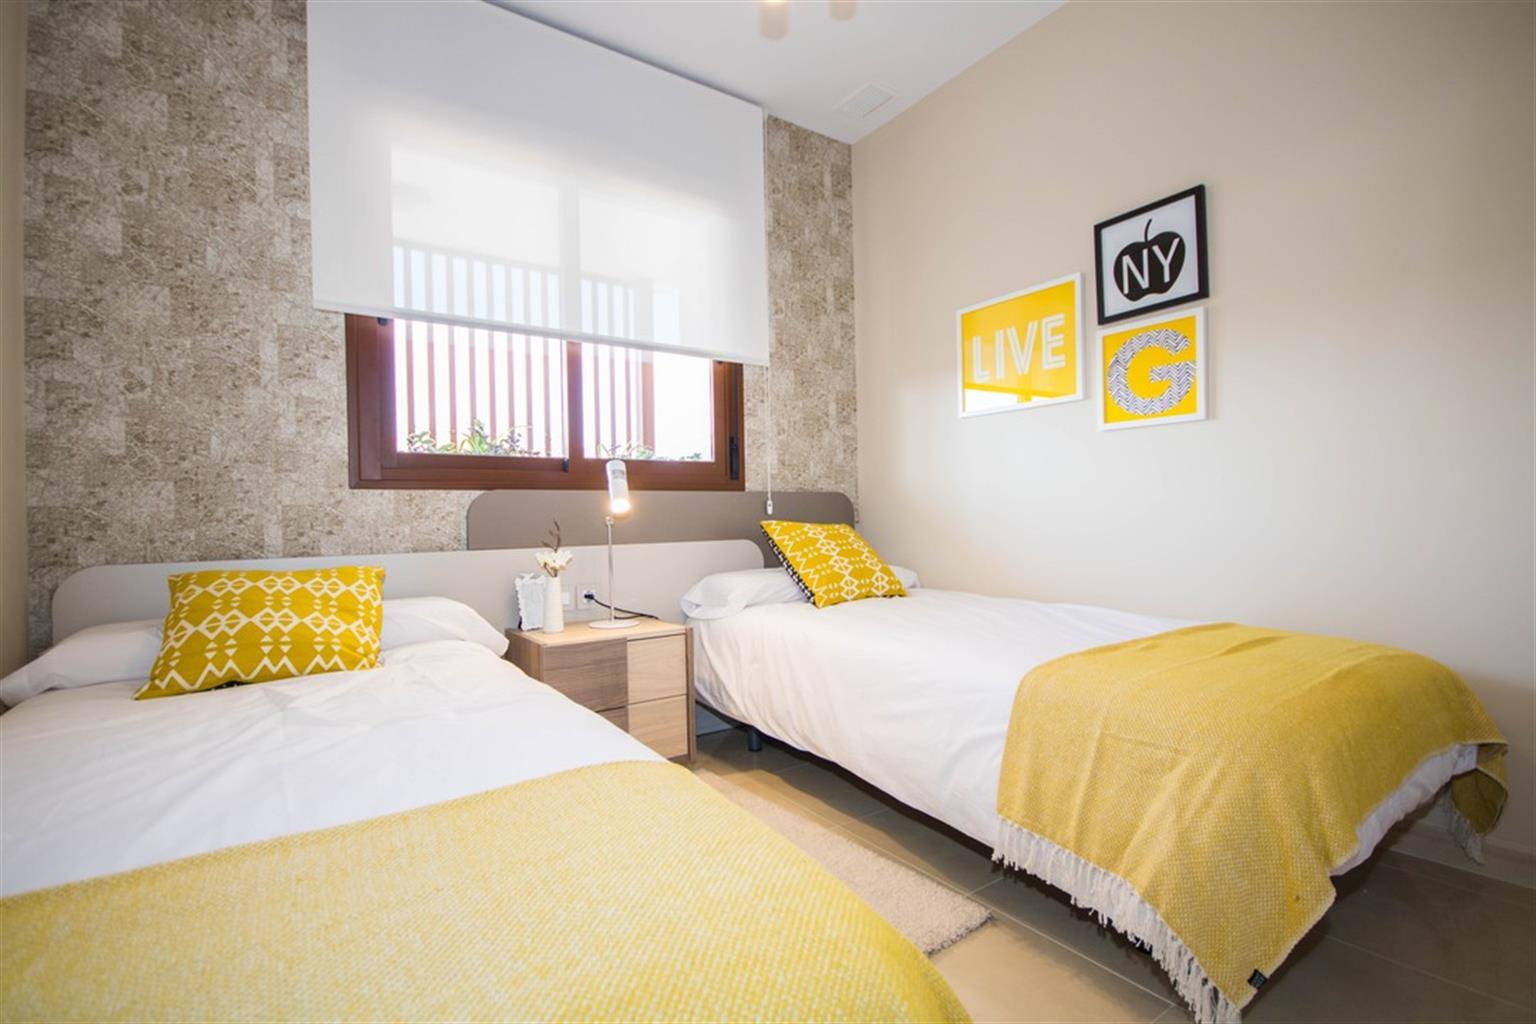 Appartement - Orihuela Costa - #4228409-19